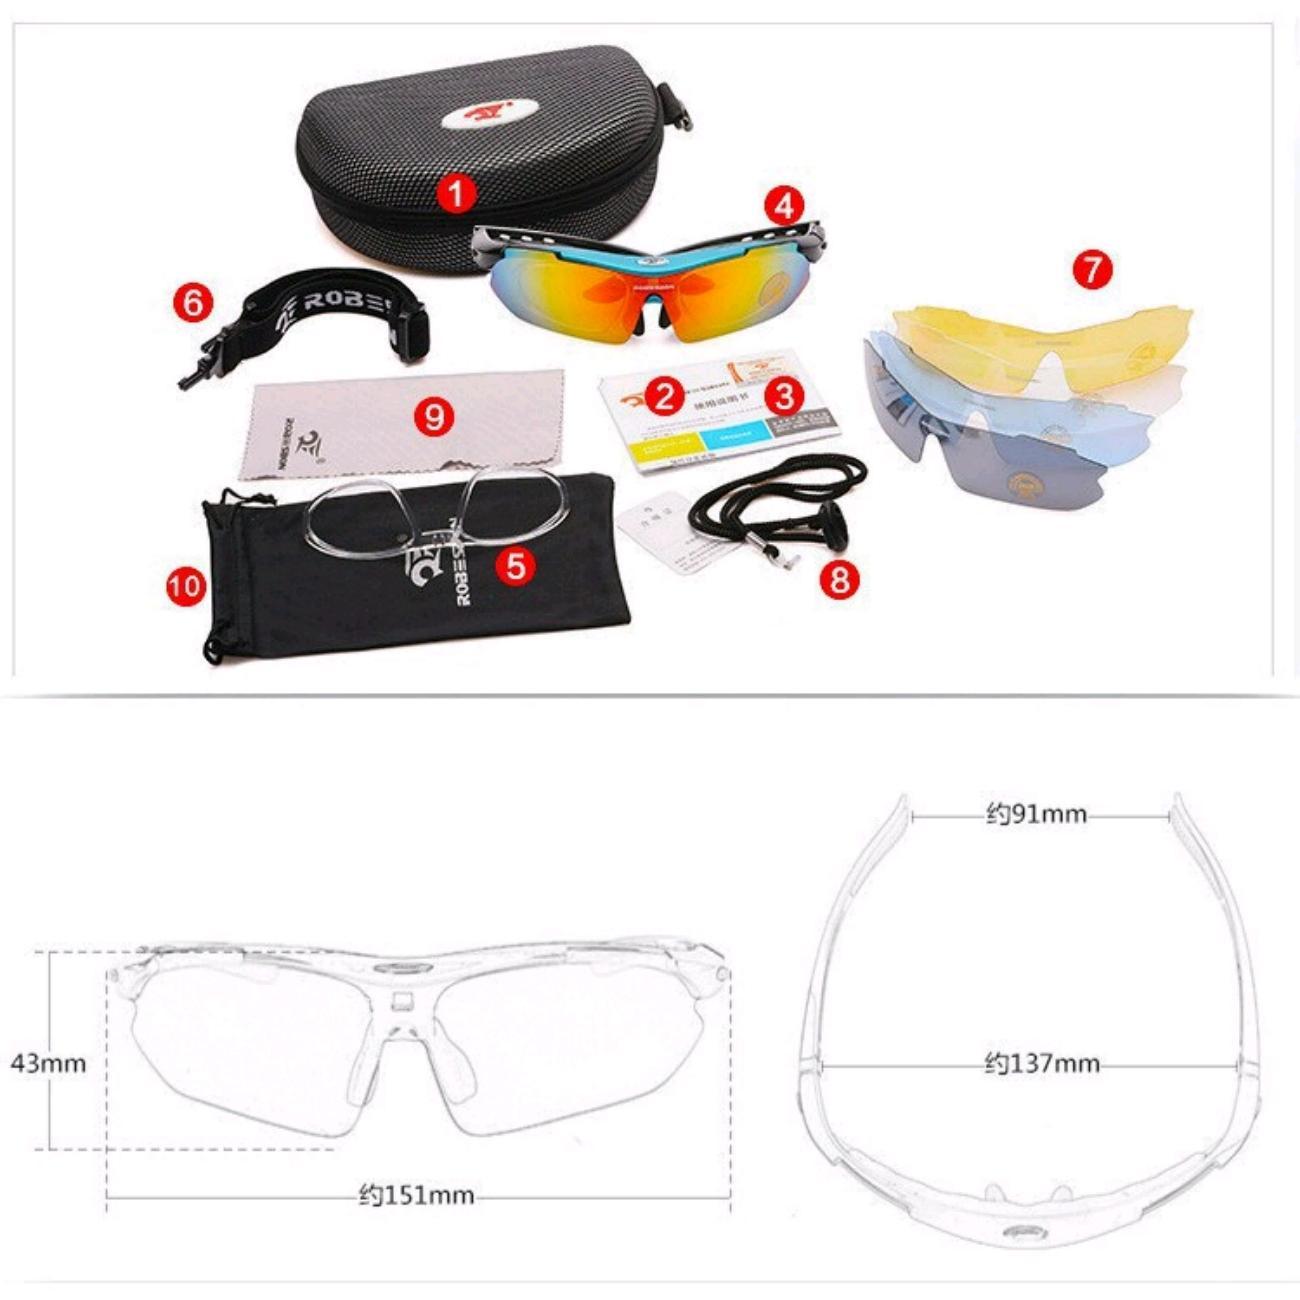 Bộ 1 kính mát thể thao 5 tròng kèm gọng lắp mắt kính cận